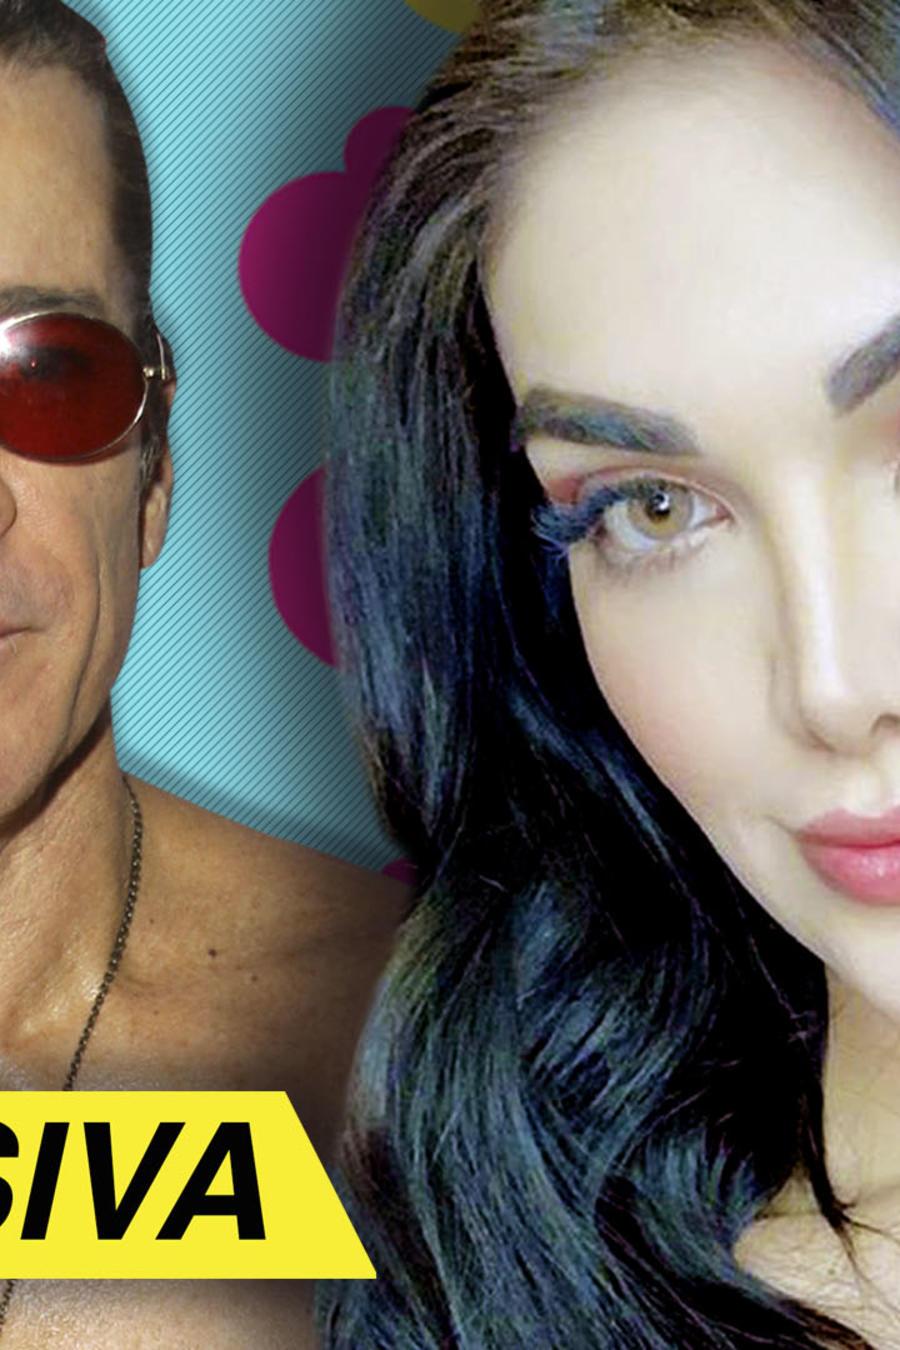 Fernando Carrillo trío sexual, modelo trans